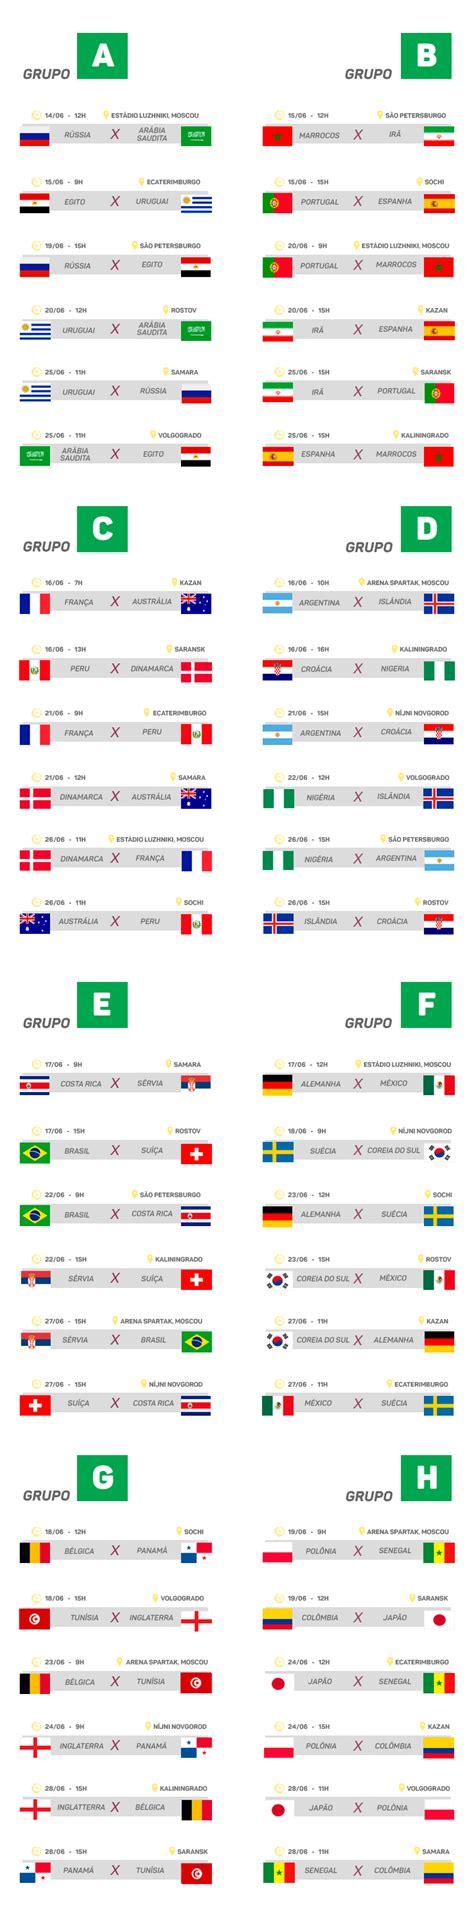 copa mundial 2018 horarios copa do mundo 2018 confira tabela datas e hor 225 rios